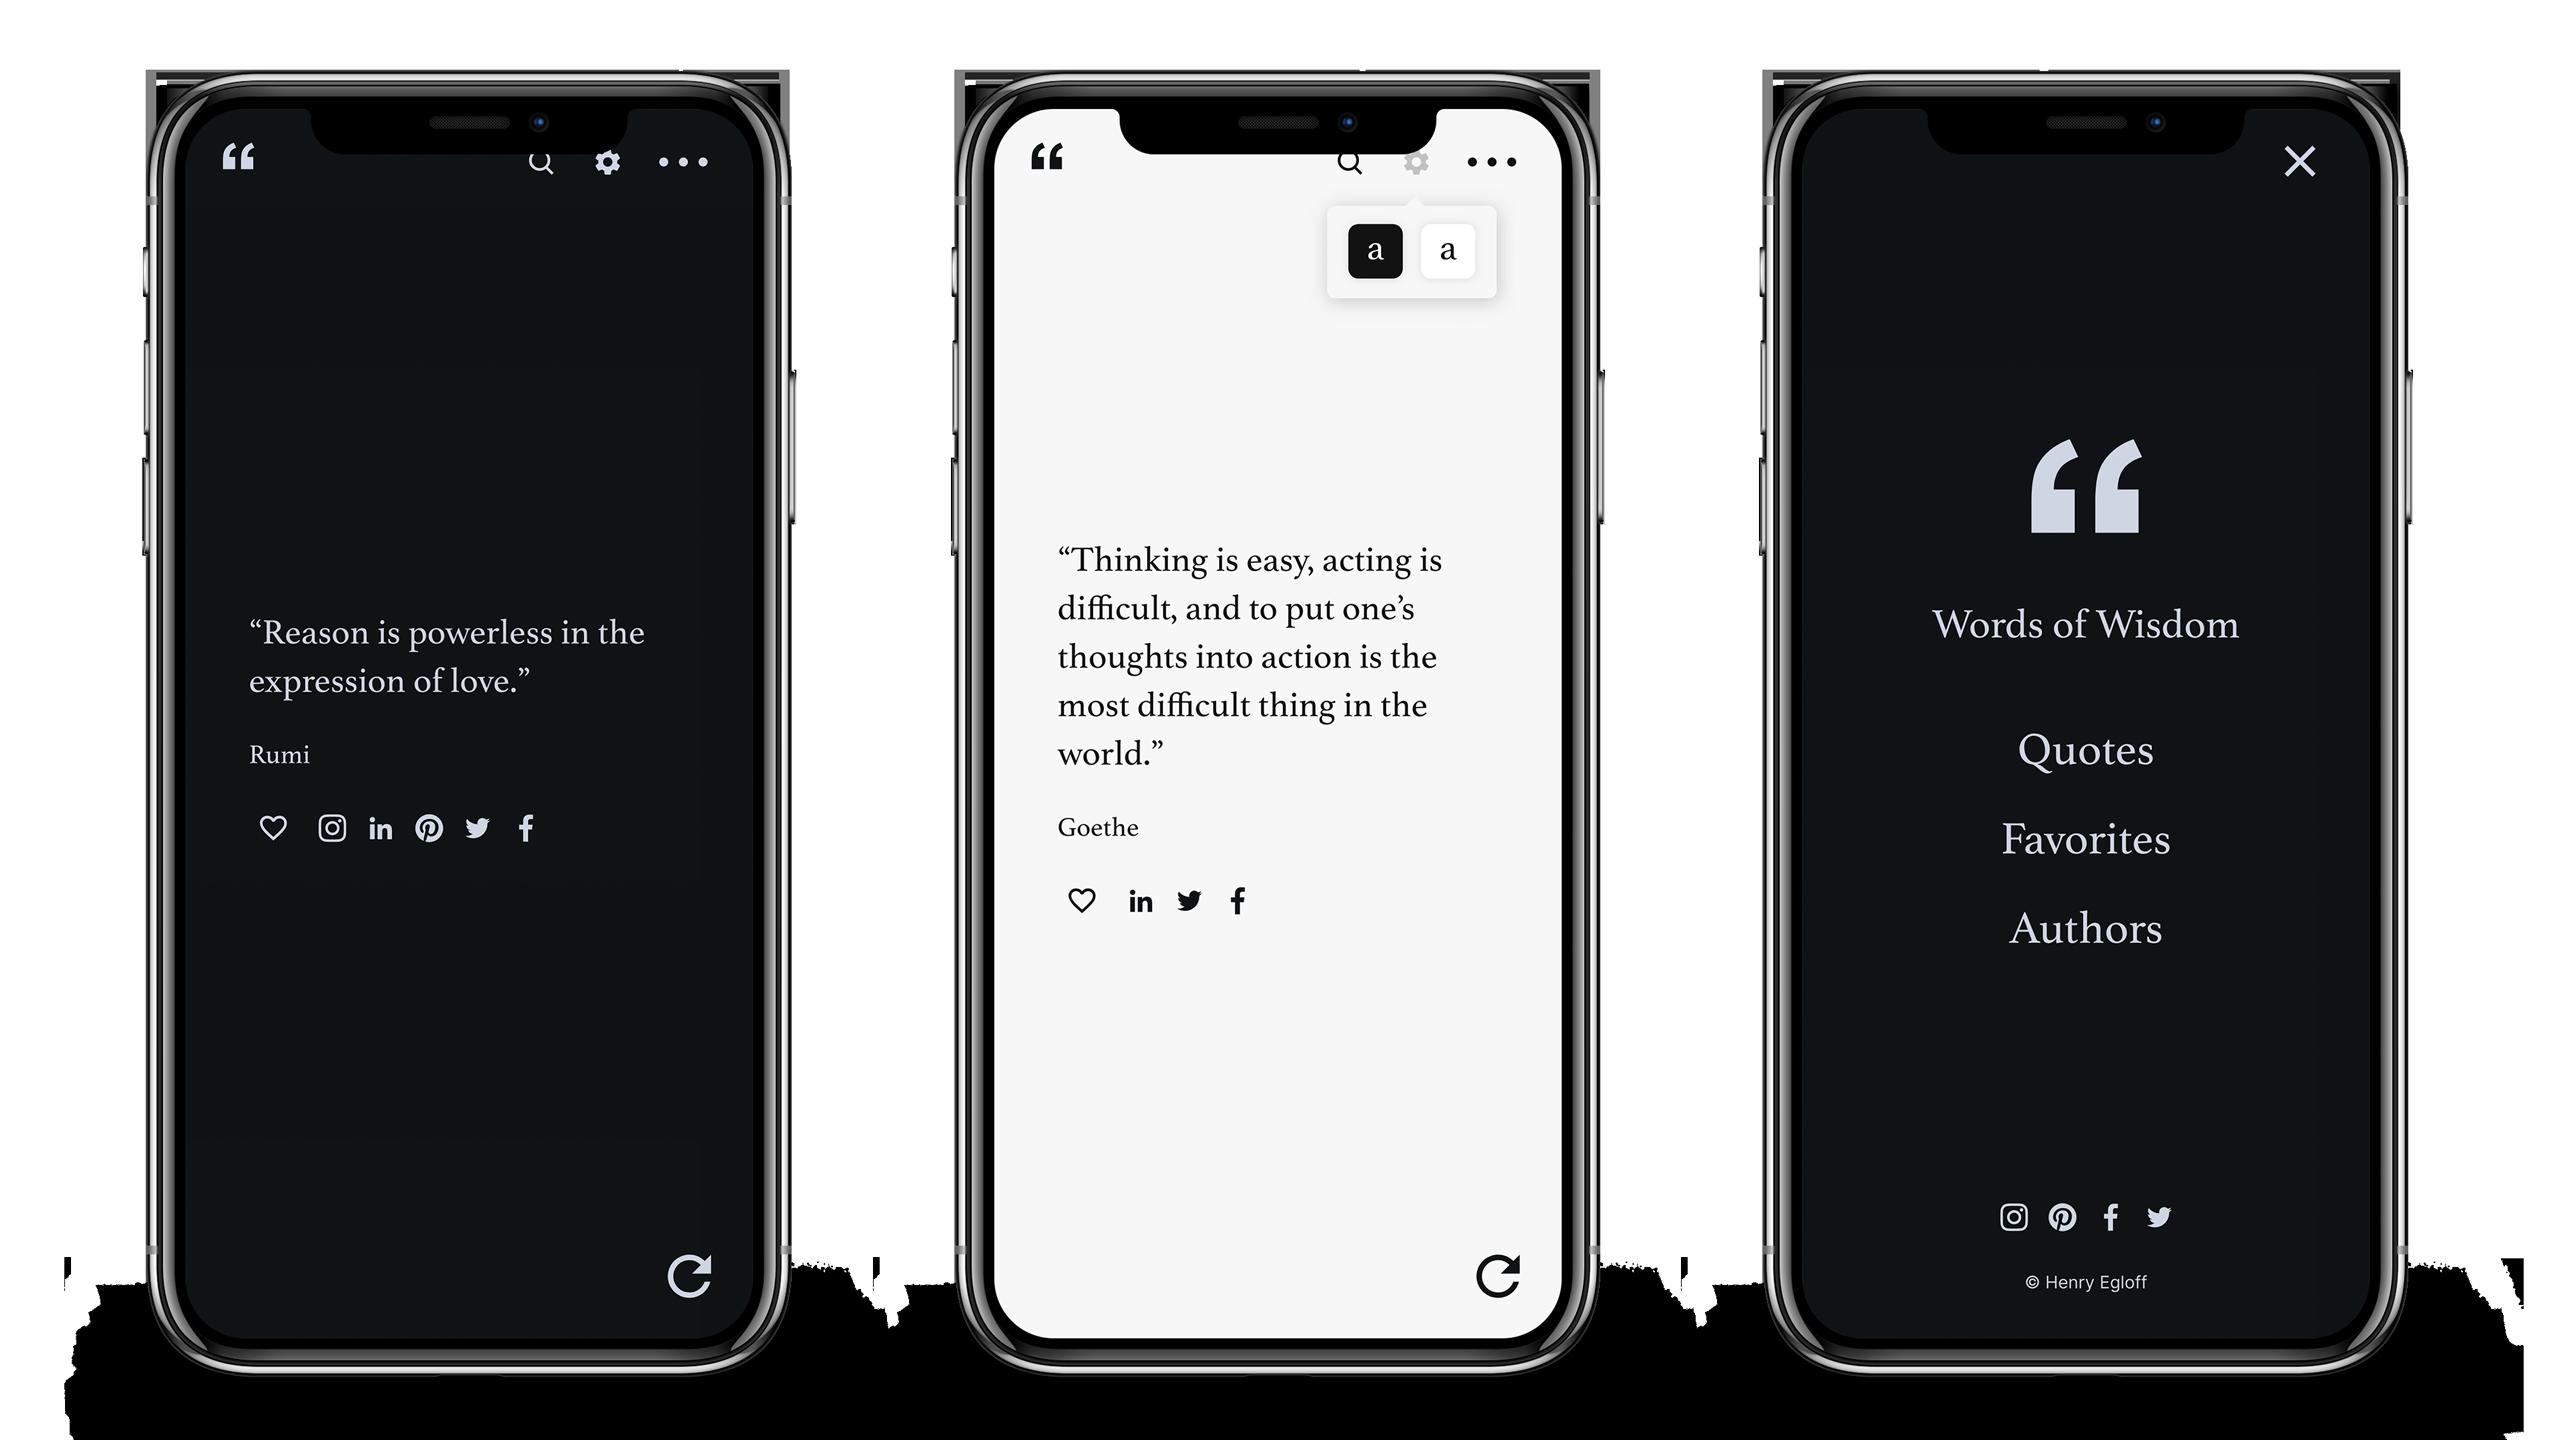 Words of Wisdom - Free Quote App